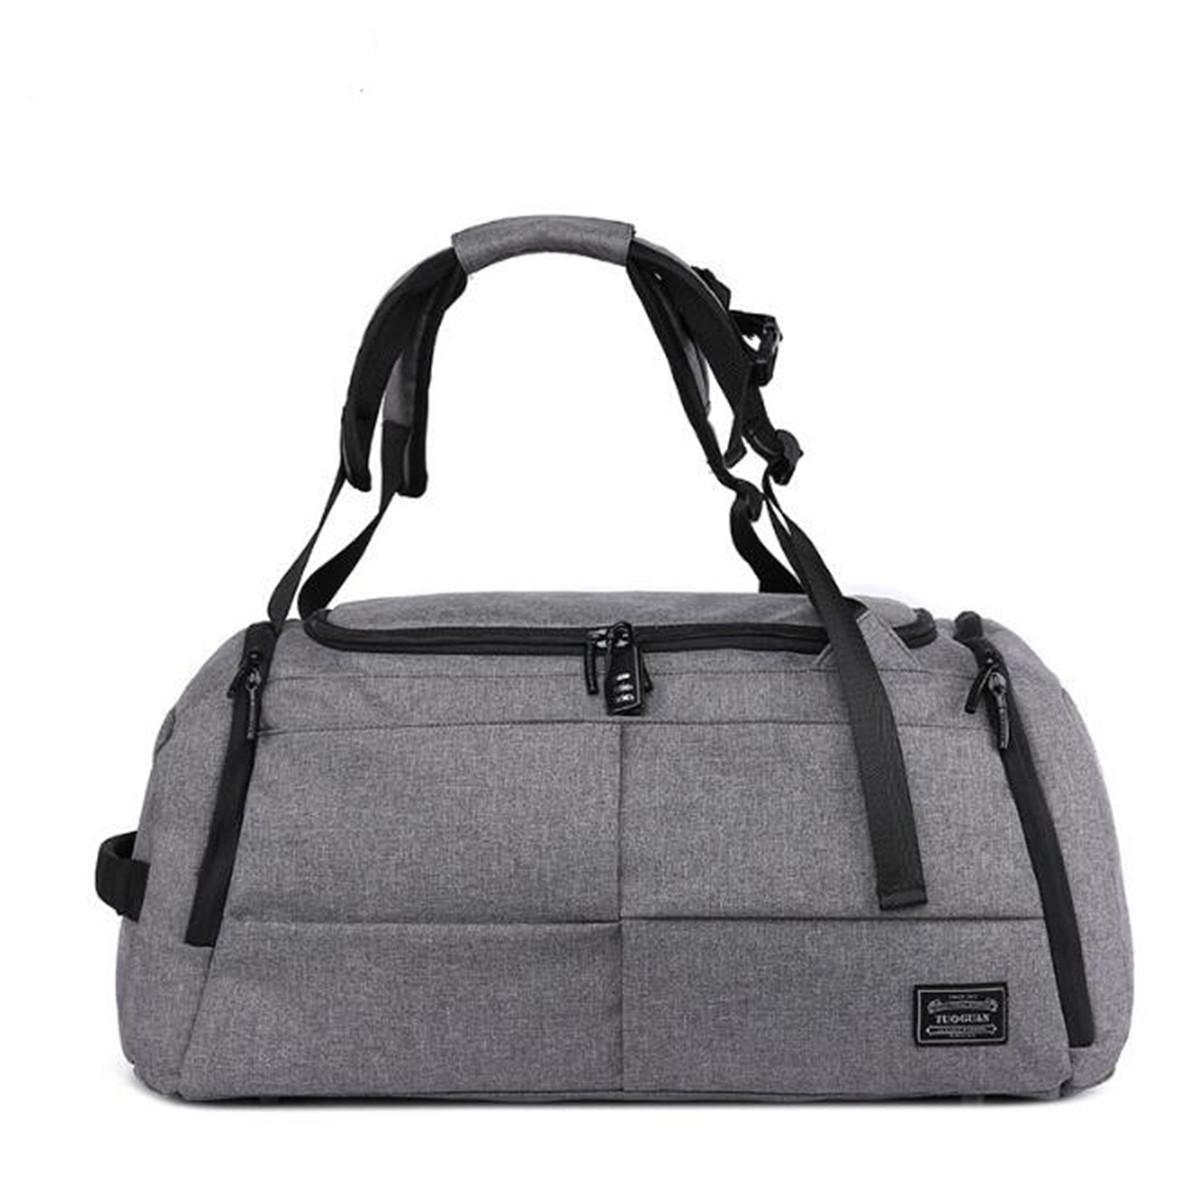 a7c02738a6 Men Women Luggage Travel Bag Satchel Shoulder Gym Sports Bag Duffel Handbag  #grey